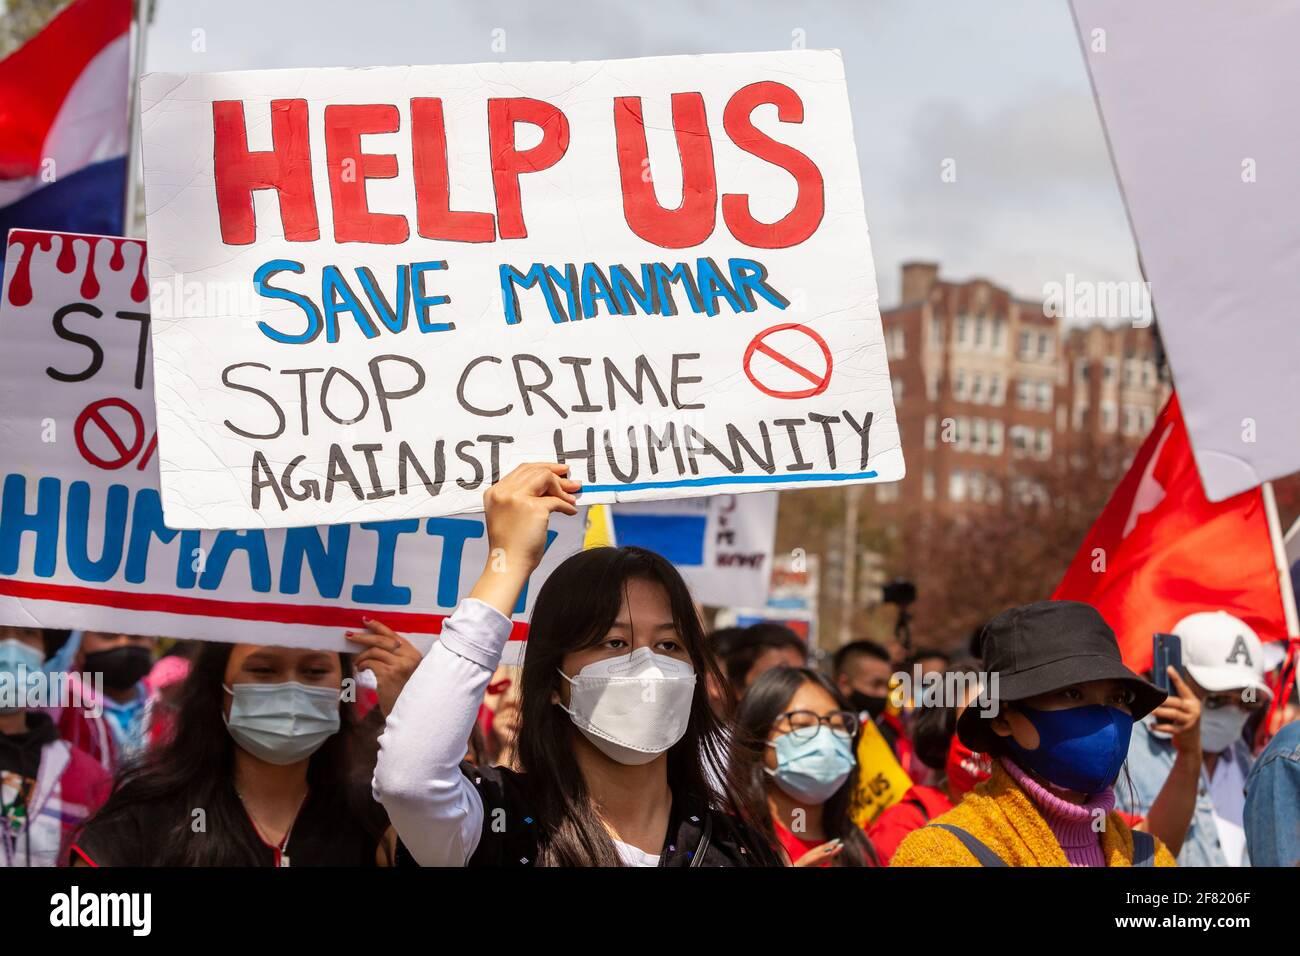 Washington, DC, Etats-Unis, 10 avril 2021. En photo : une femme porte un panneau demandant l'aide du monde au Myanmar pour protester contre le récent coup d'État militaire. Crédit : Allison C Bailey/Alay Live News Banque D'Images